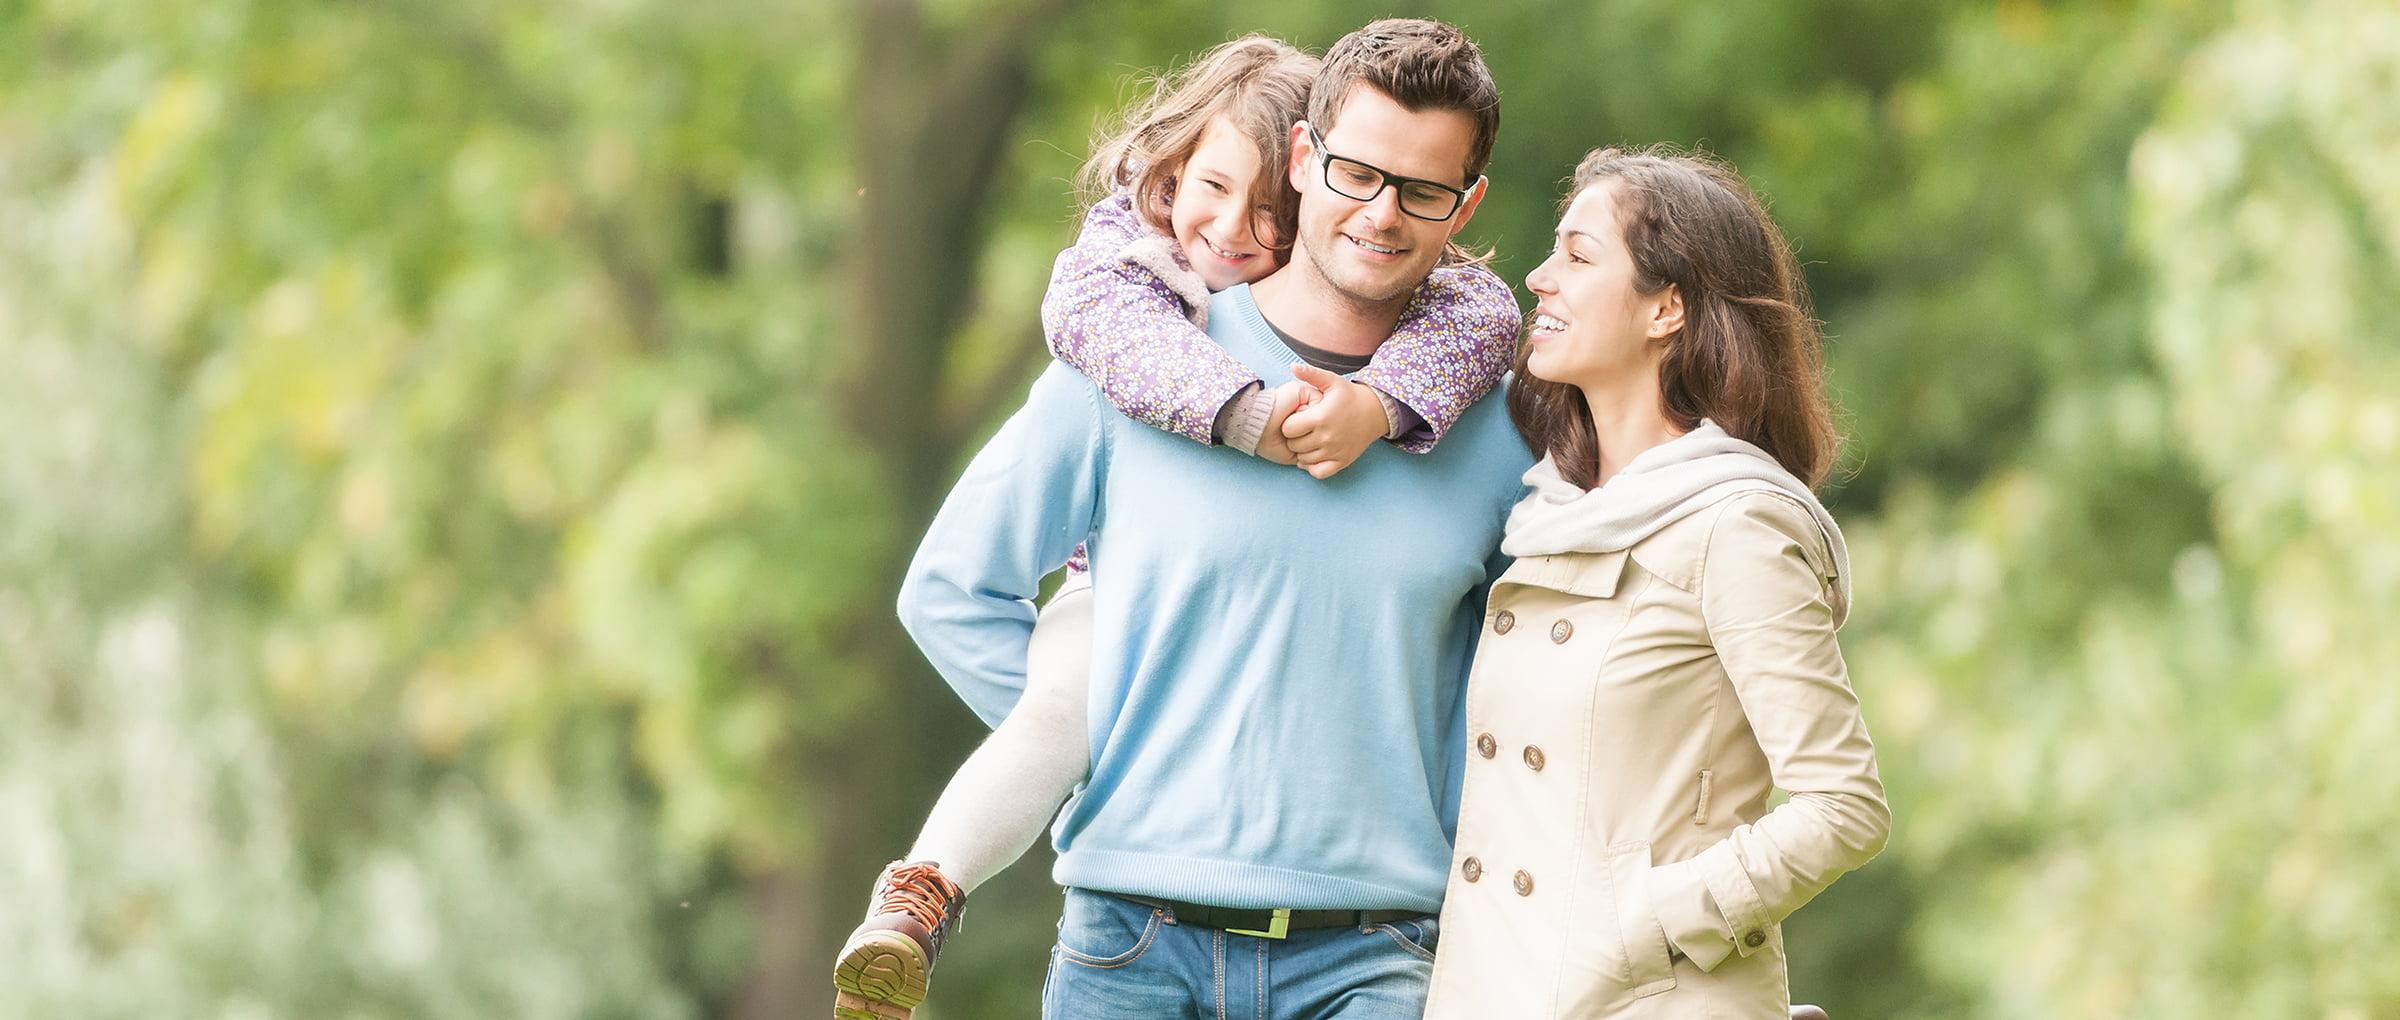 Familles qui ont recours à l'ovodonation